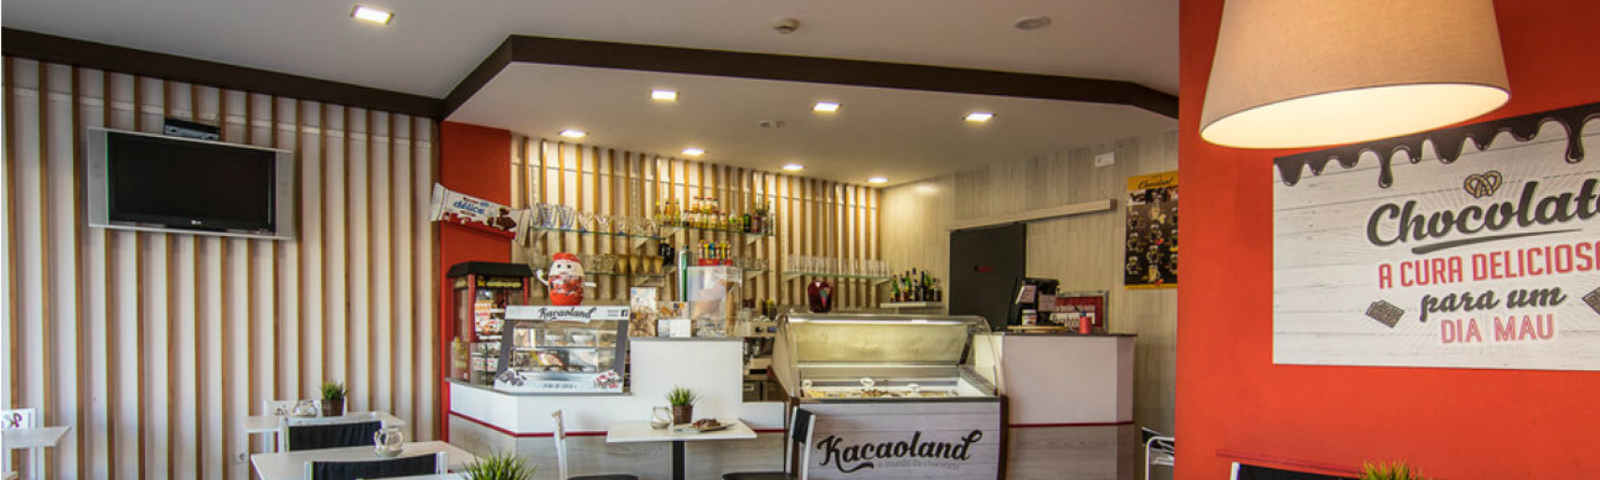 Kacaoland abre nova unidade em Alverca do Ribatejo